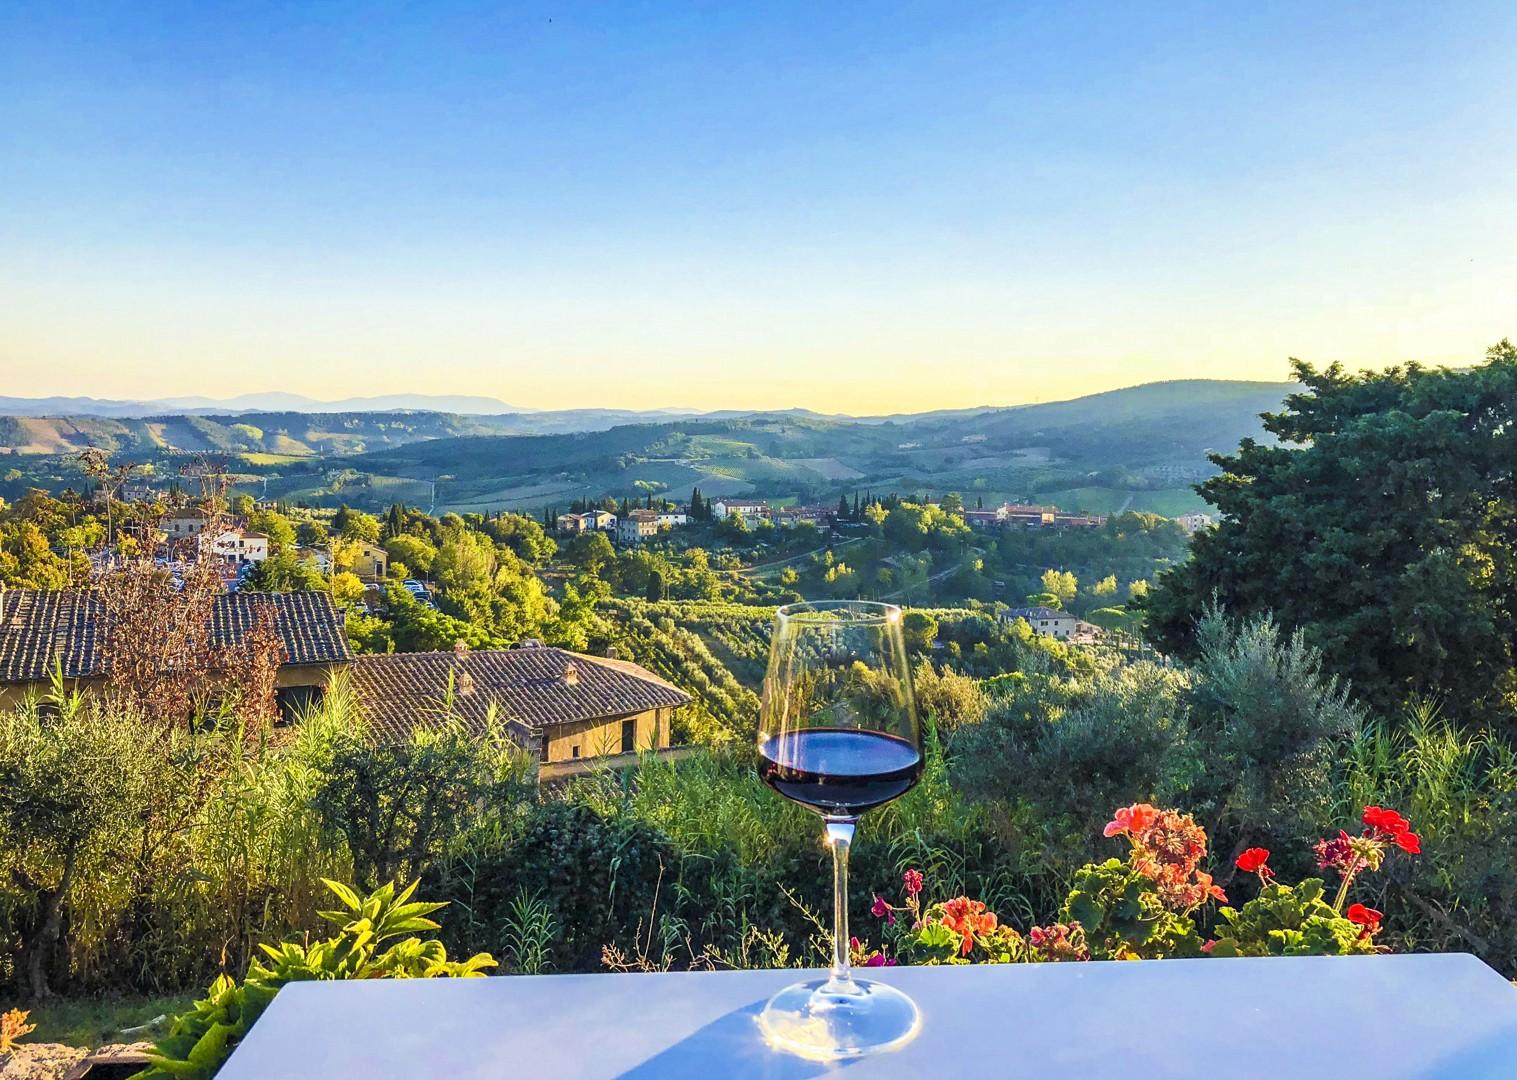 fine-italian-wines-chianti-montepulciano-montalcino-stunning-scenery-cycling-holiday.jpg - Italy - Tuscany - Giro della Toscana - Self-Guided Road Cycling Holiday - Road Cycling